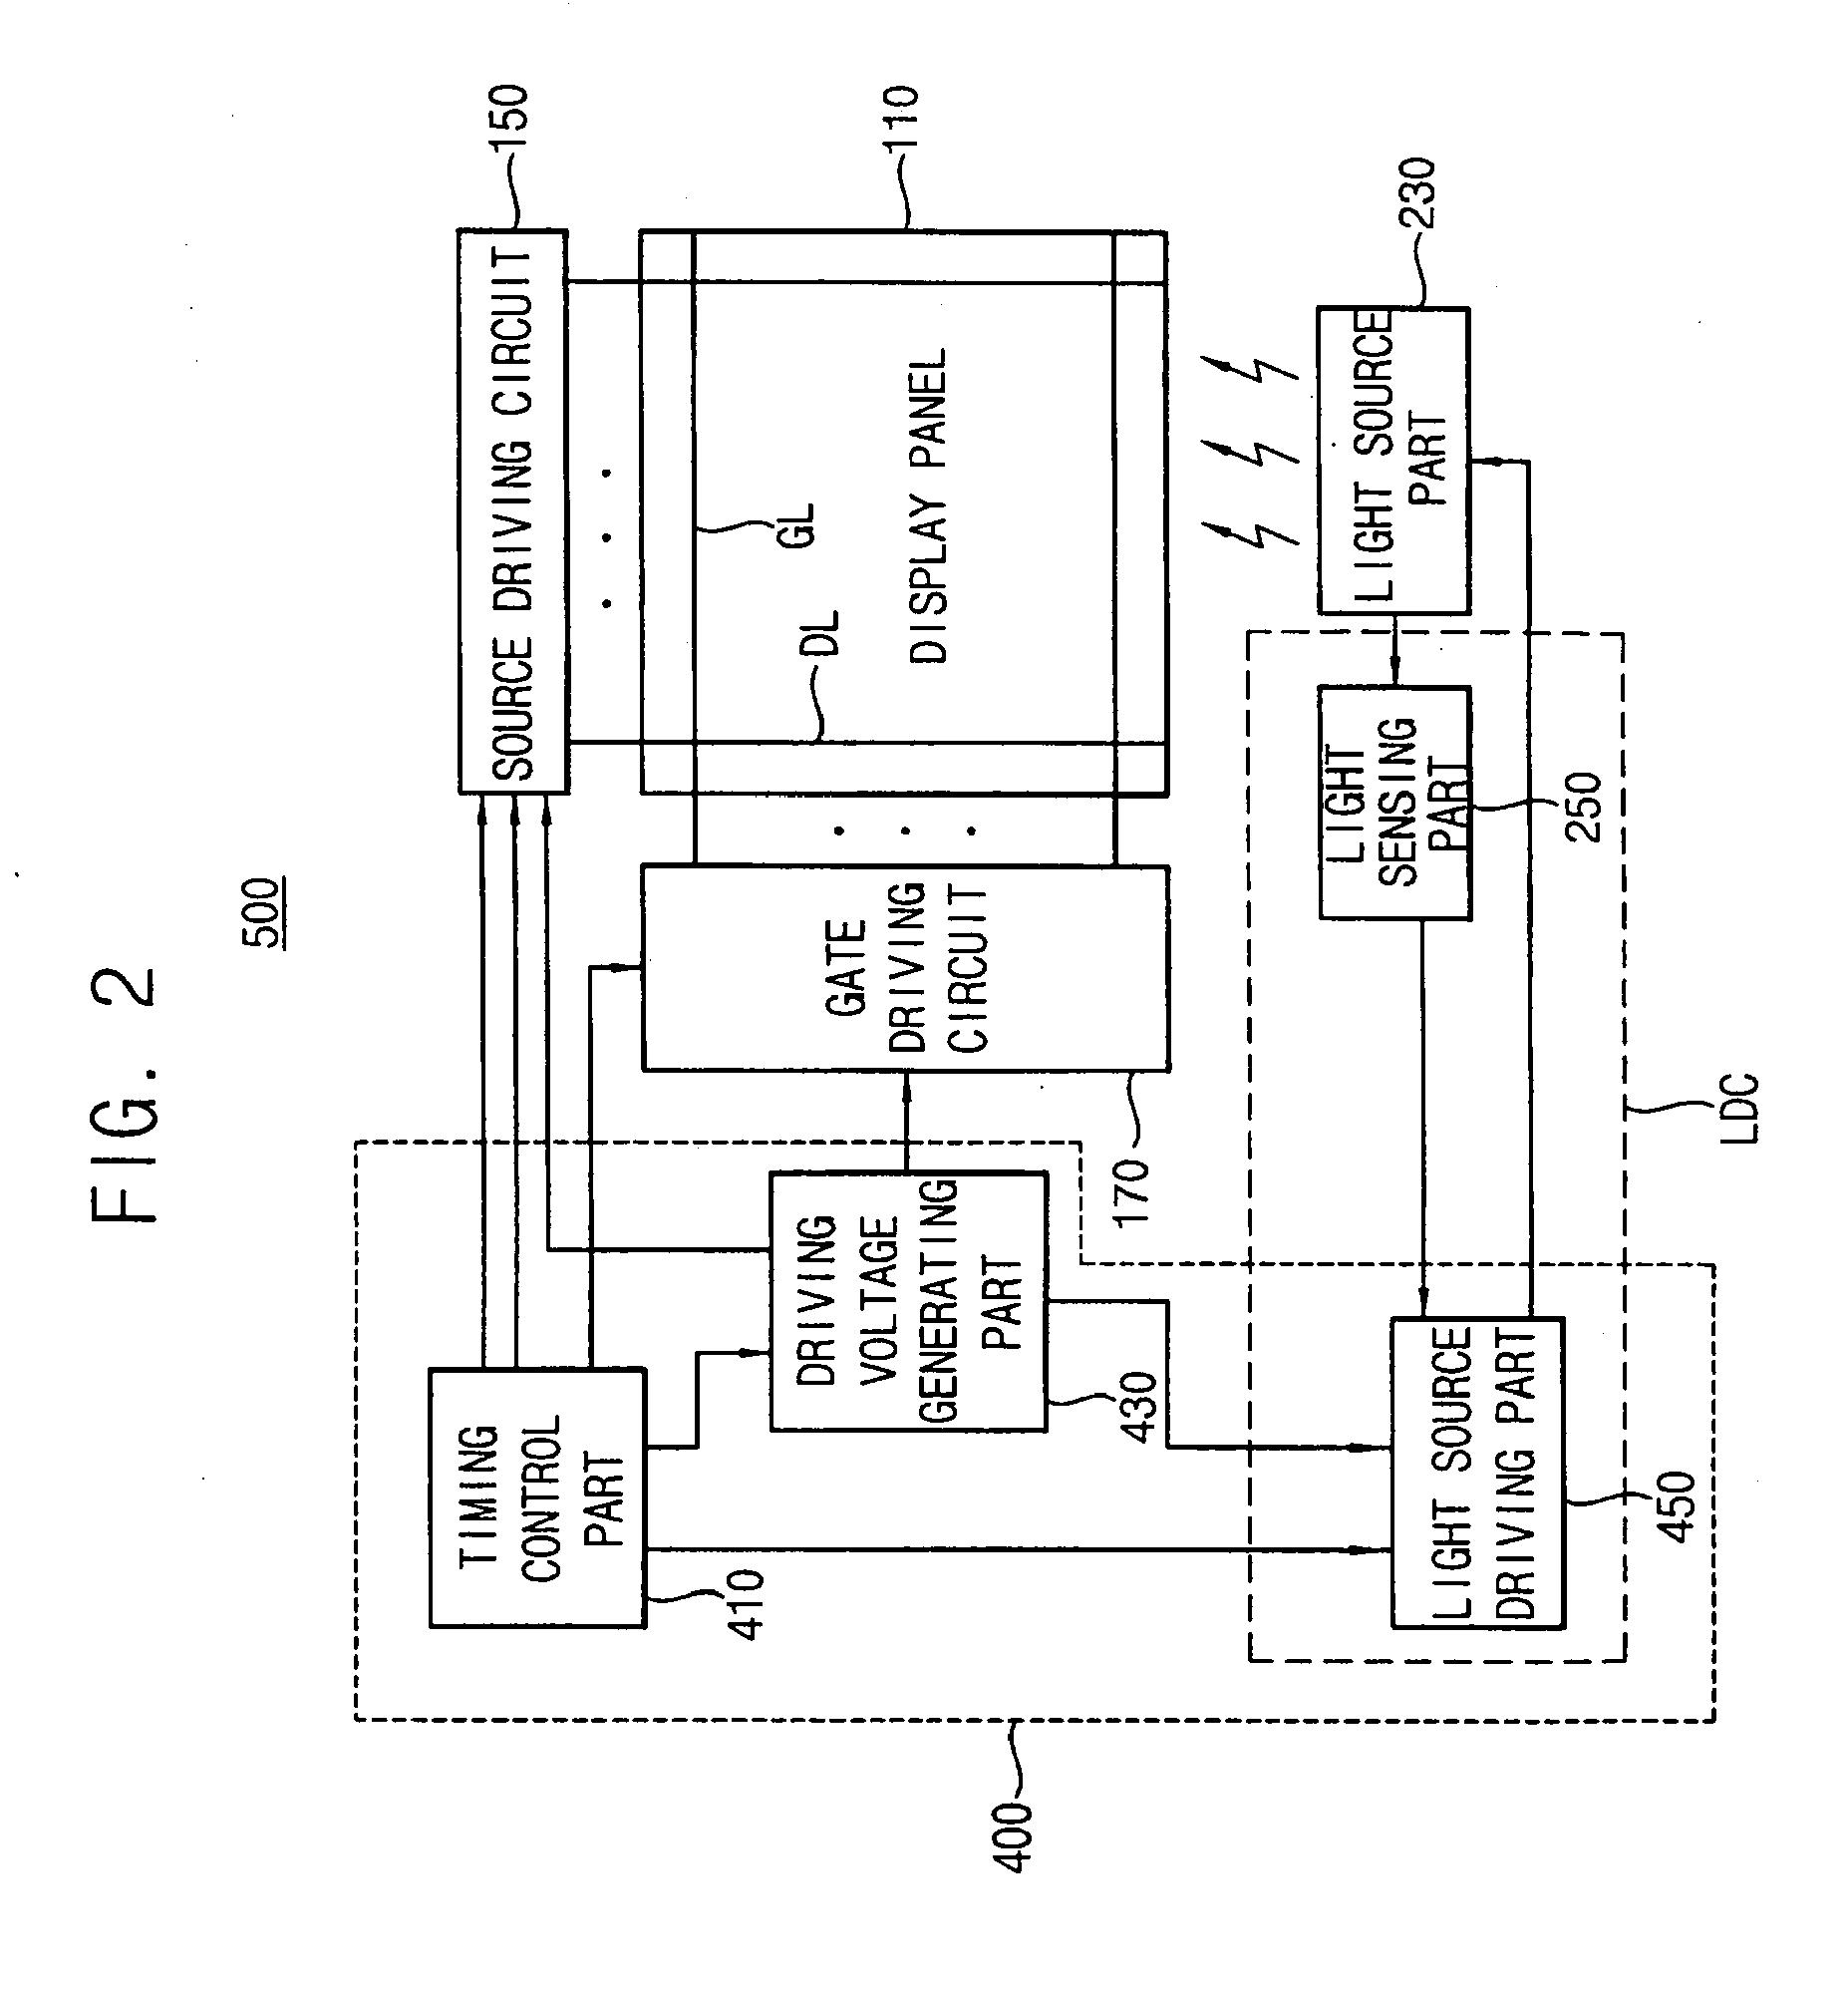 专利ep1983503a2 - method